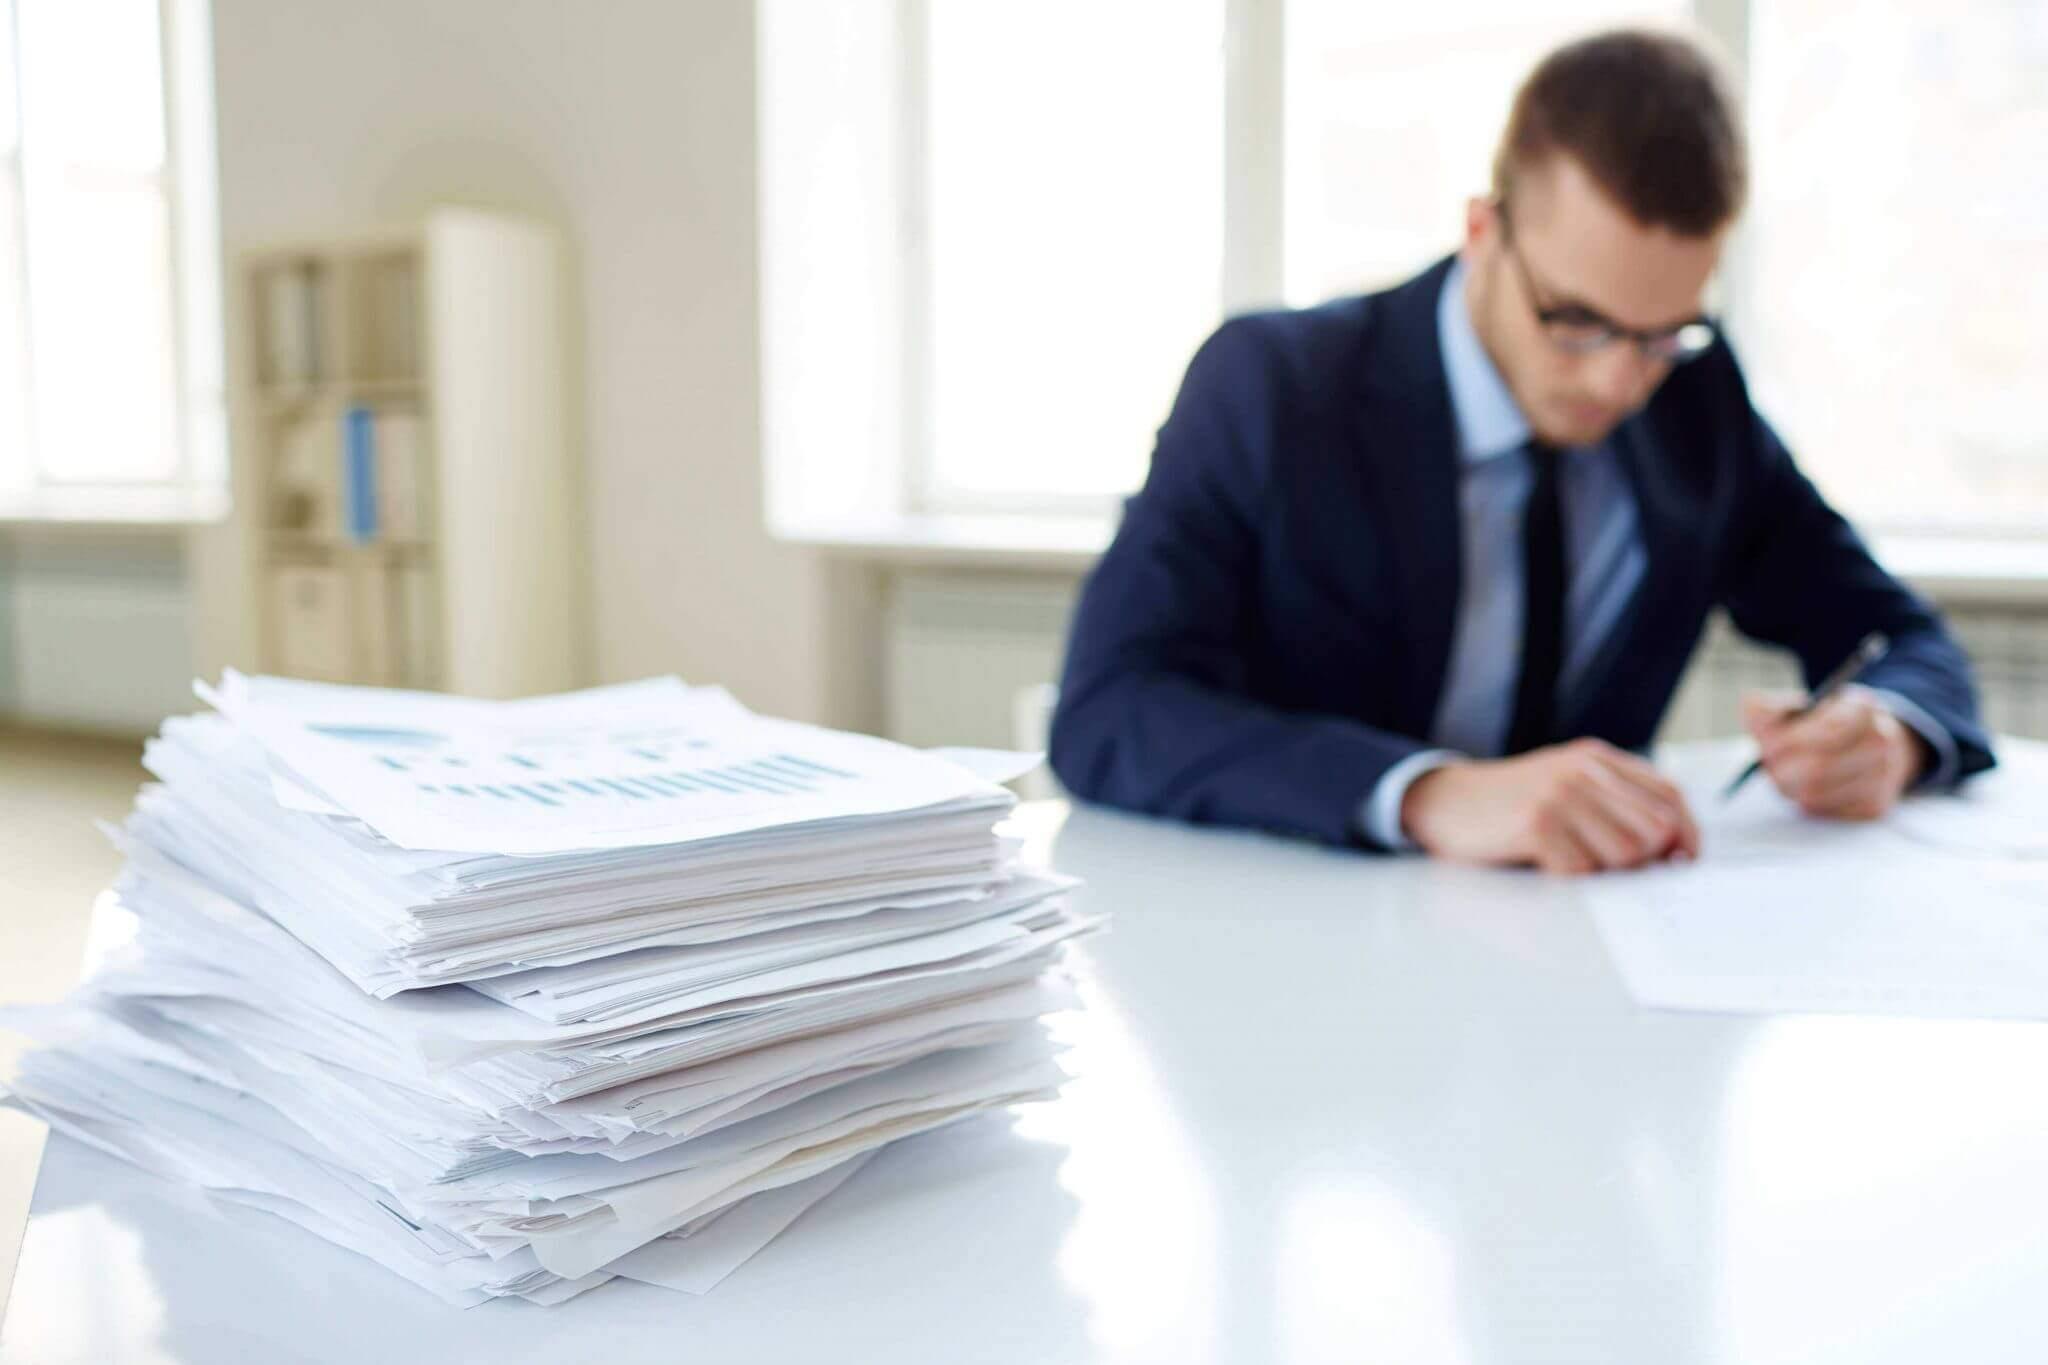 Due diligence er den proces i et virksomhedssalg hvor køberen får adgang til al dokumentation omkring den virksomhed der skal handles.